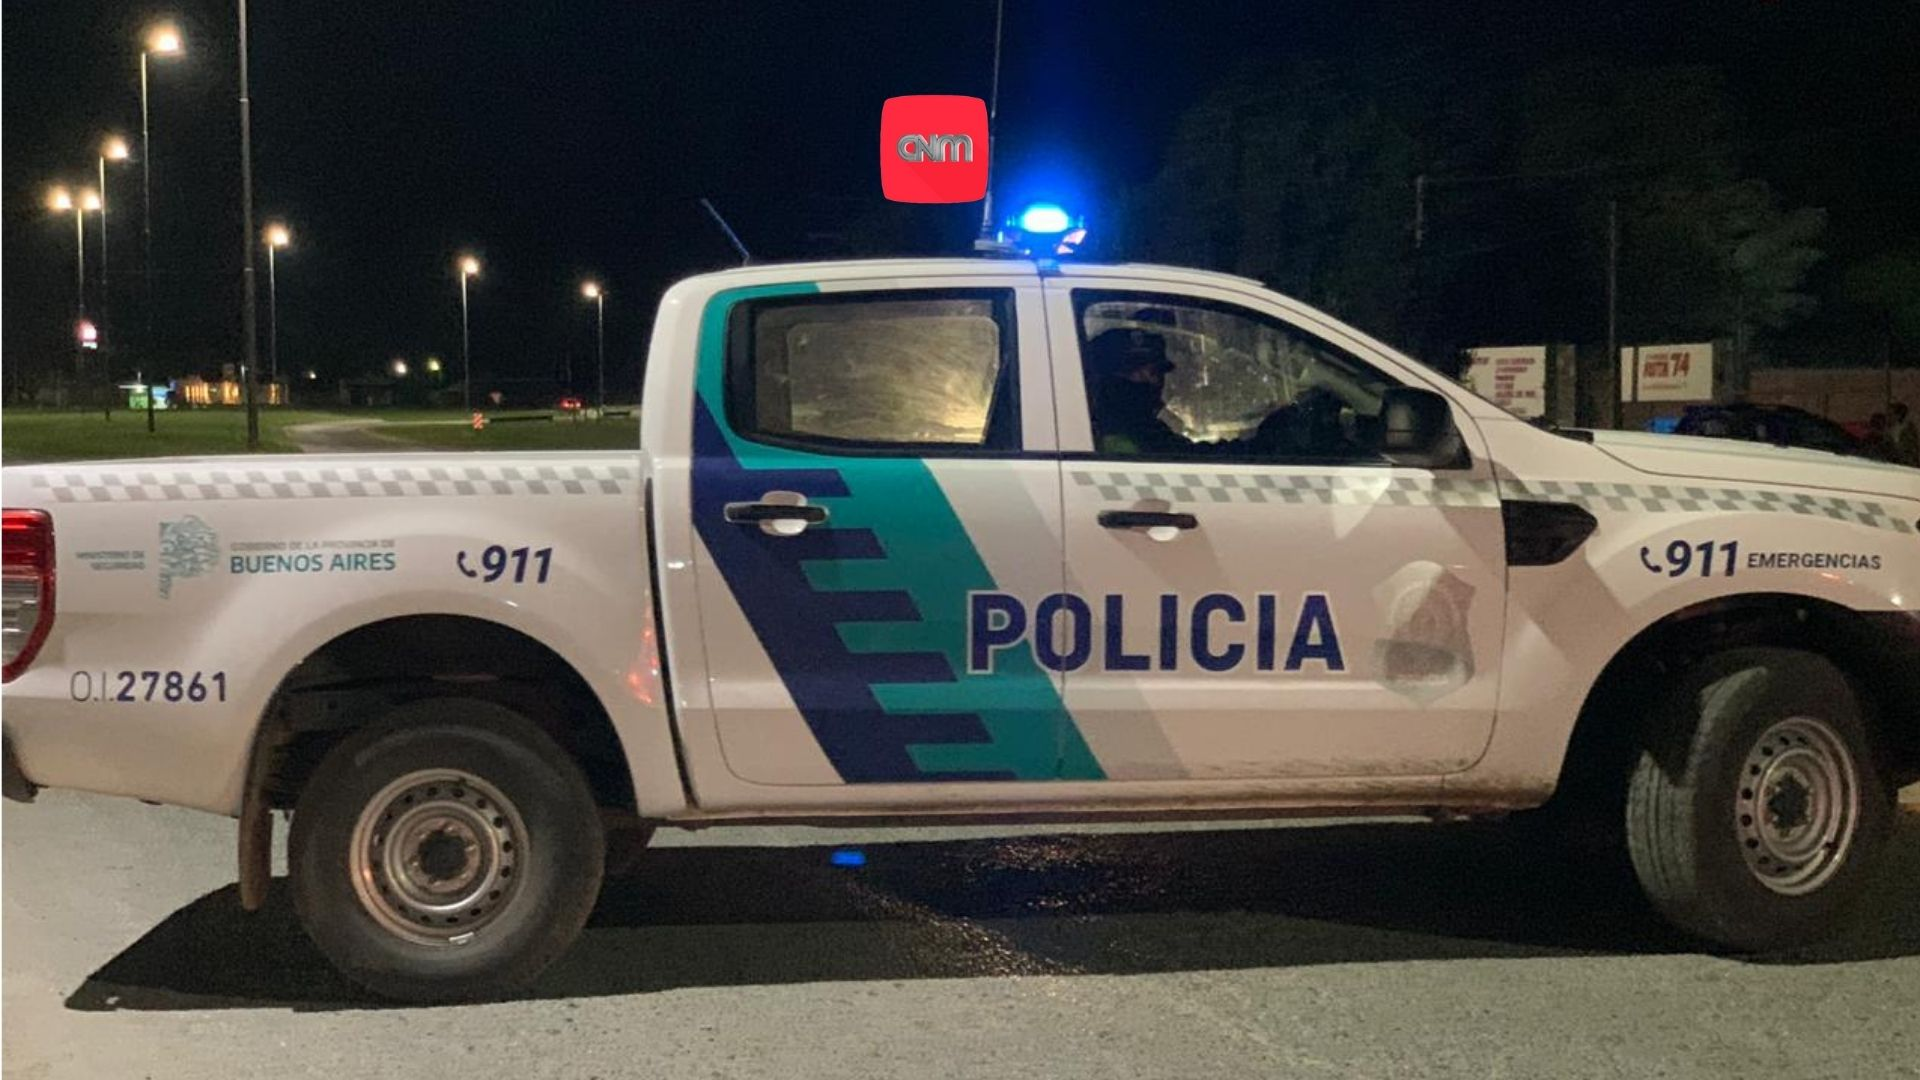 Patrulla bonaerense 2021 - Movil Policial Madariaga